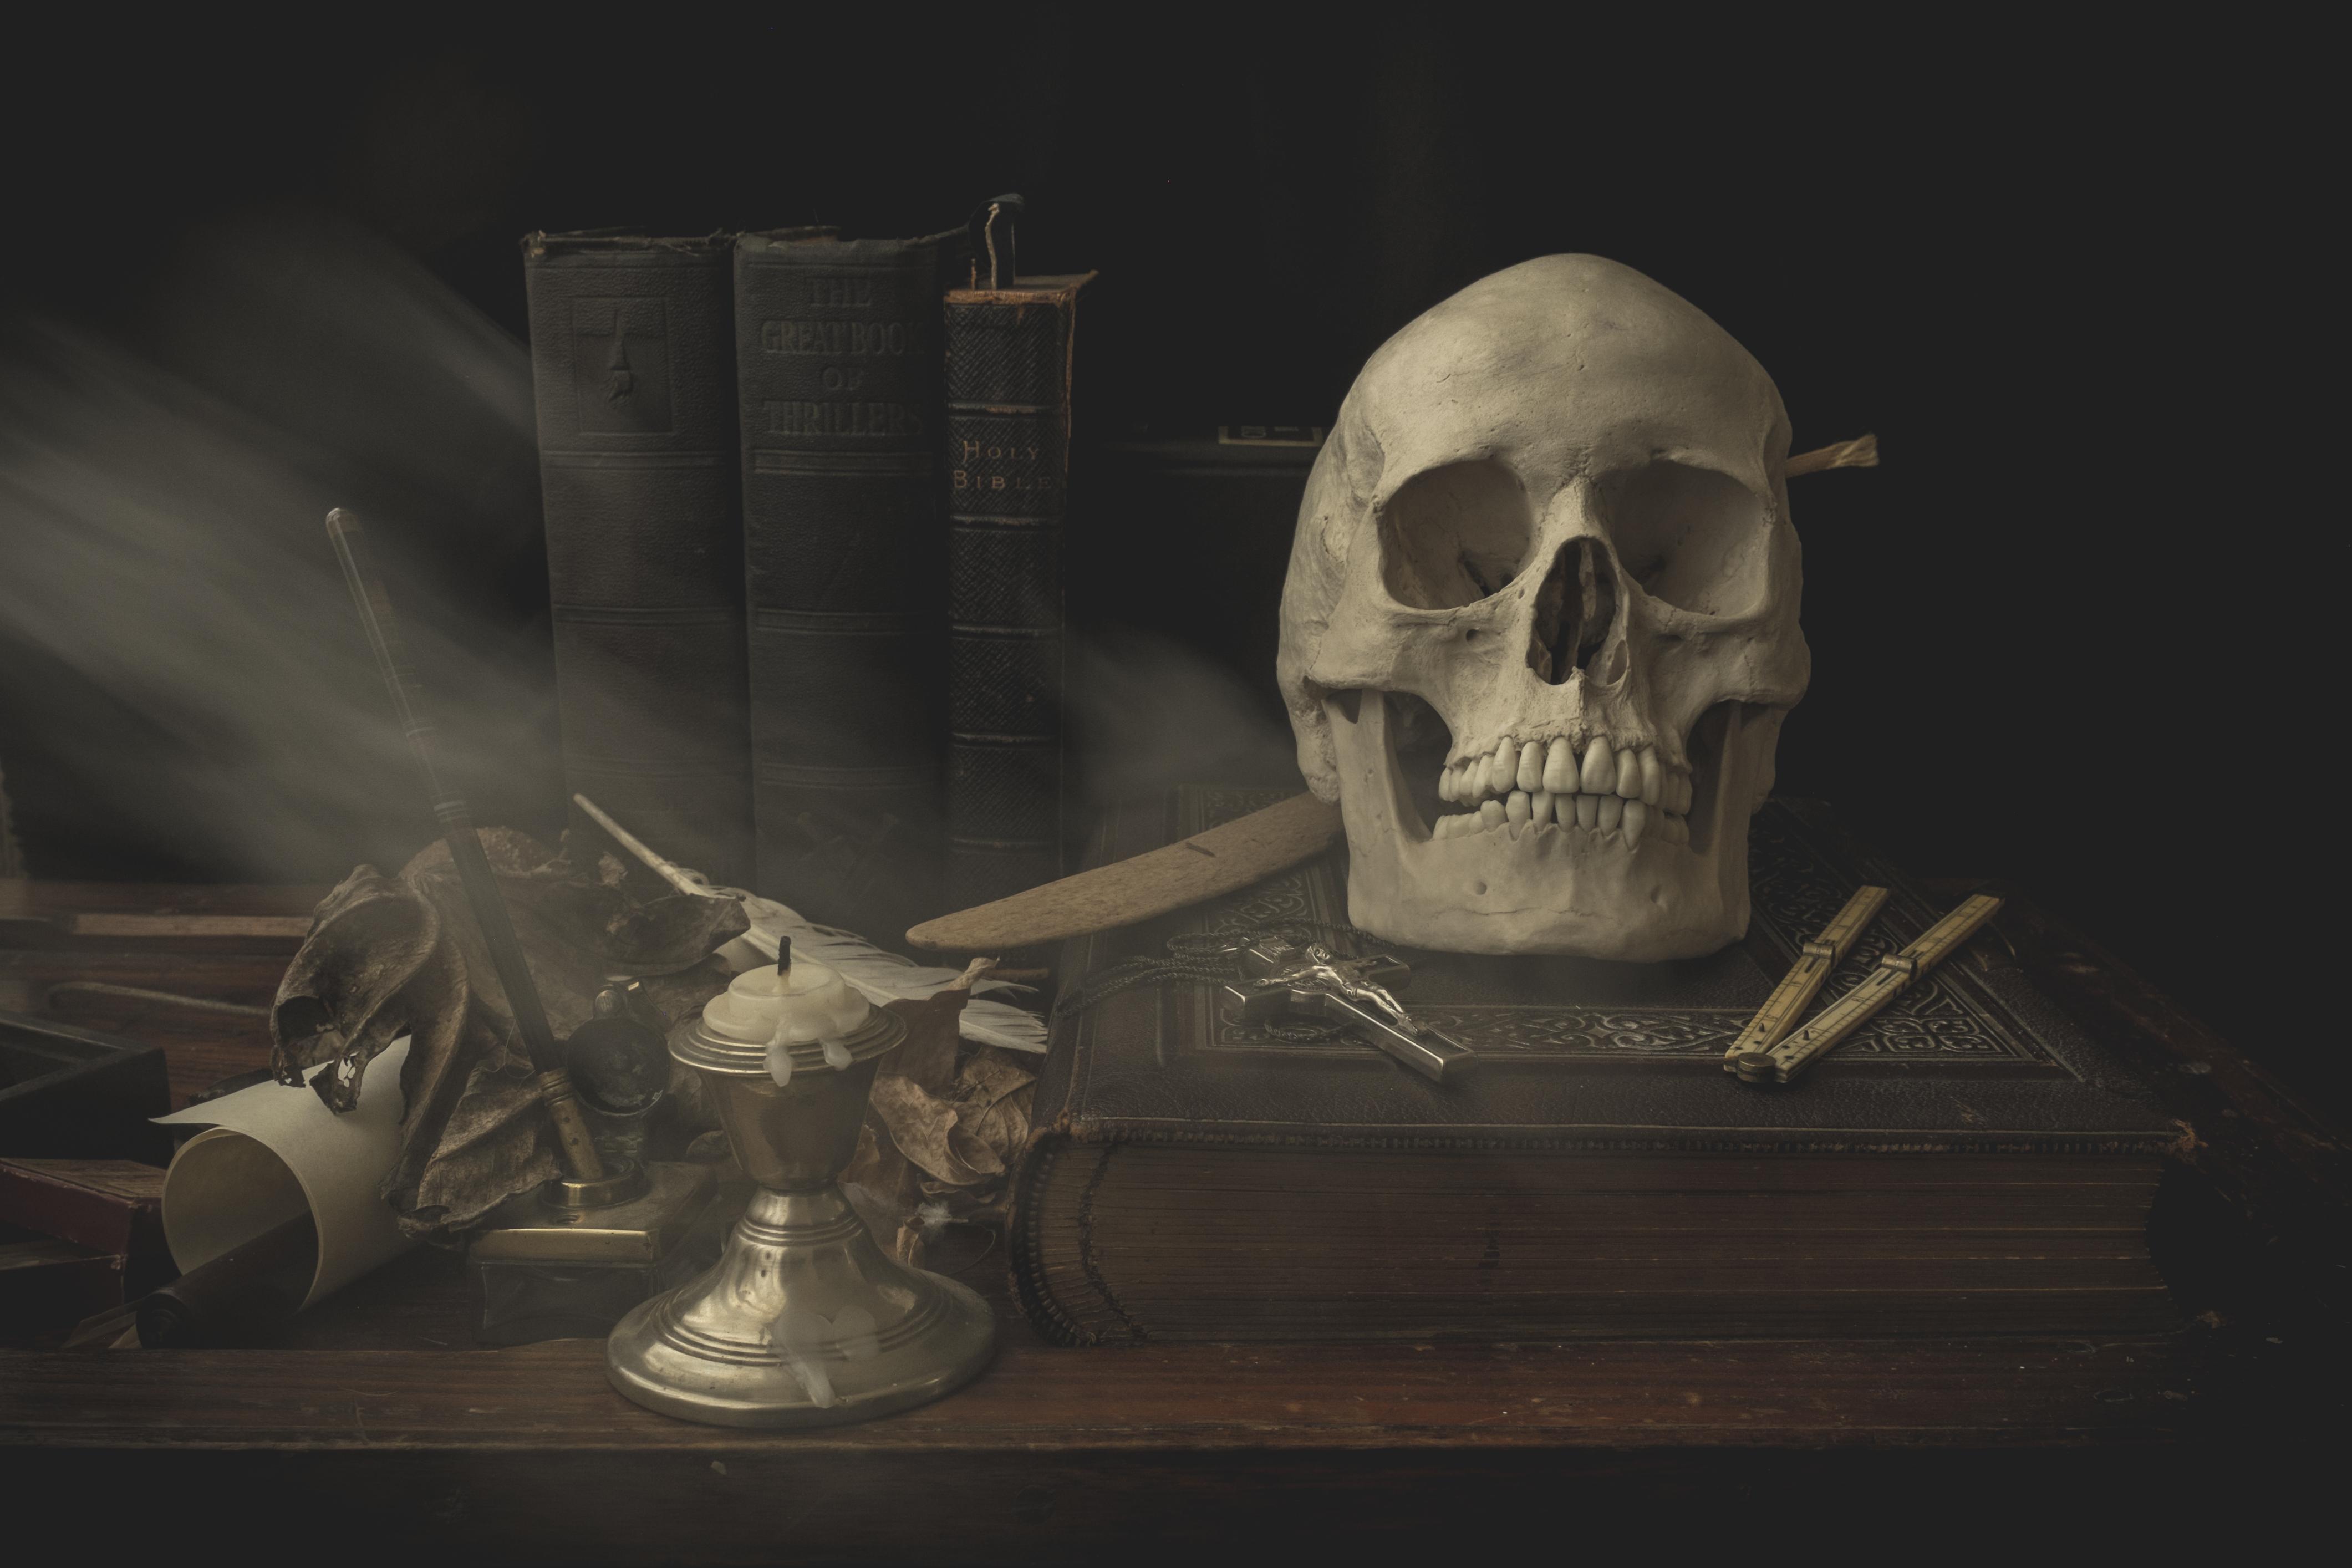 Masaüstü Boyama Karanlık Korku Gölge Resim Zaman Kafatası